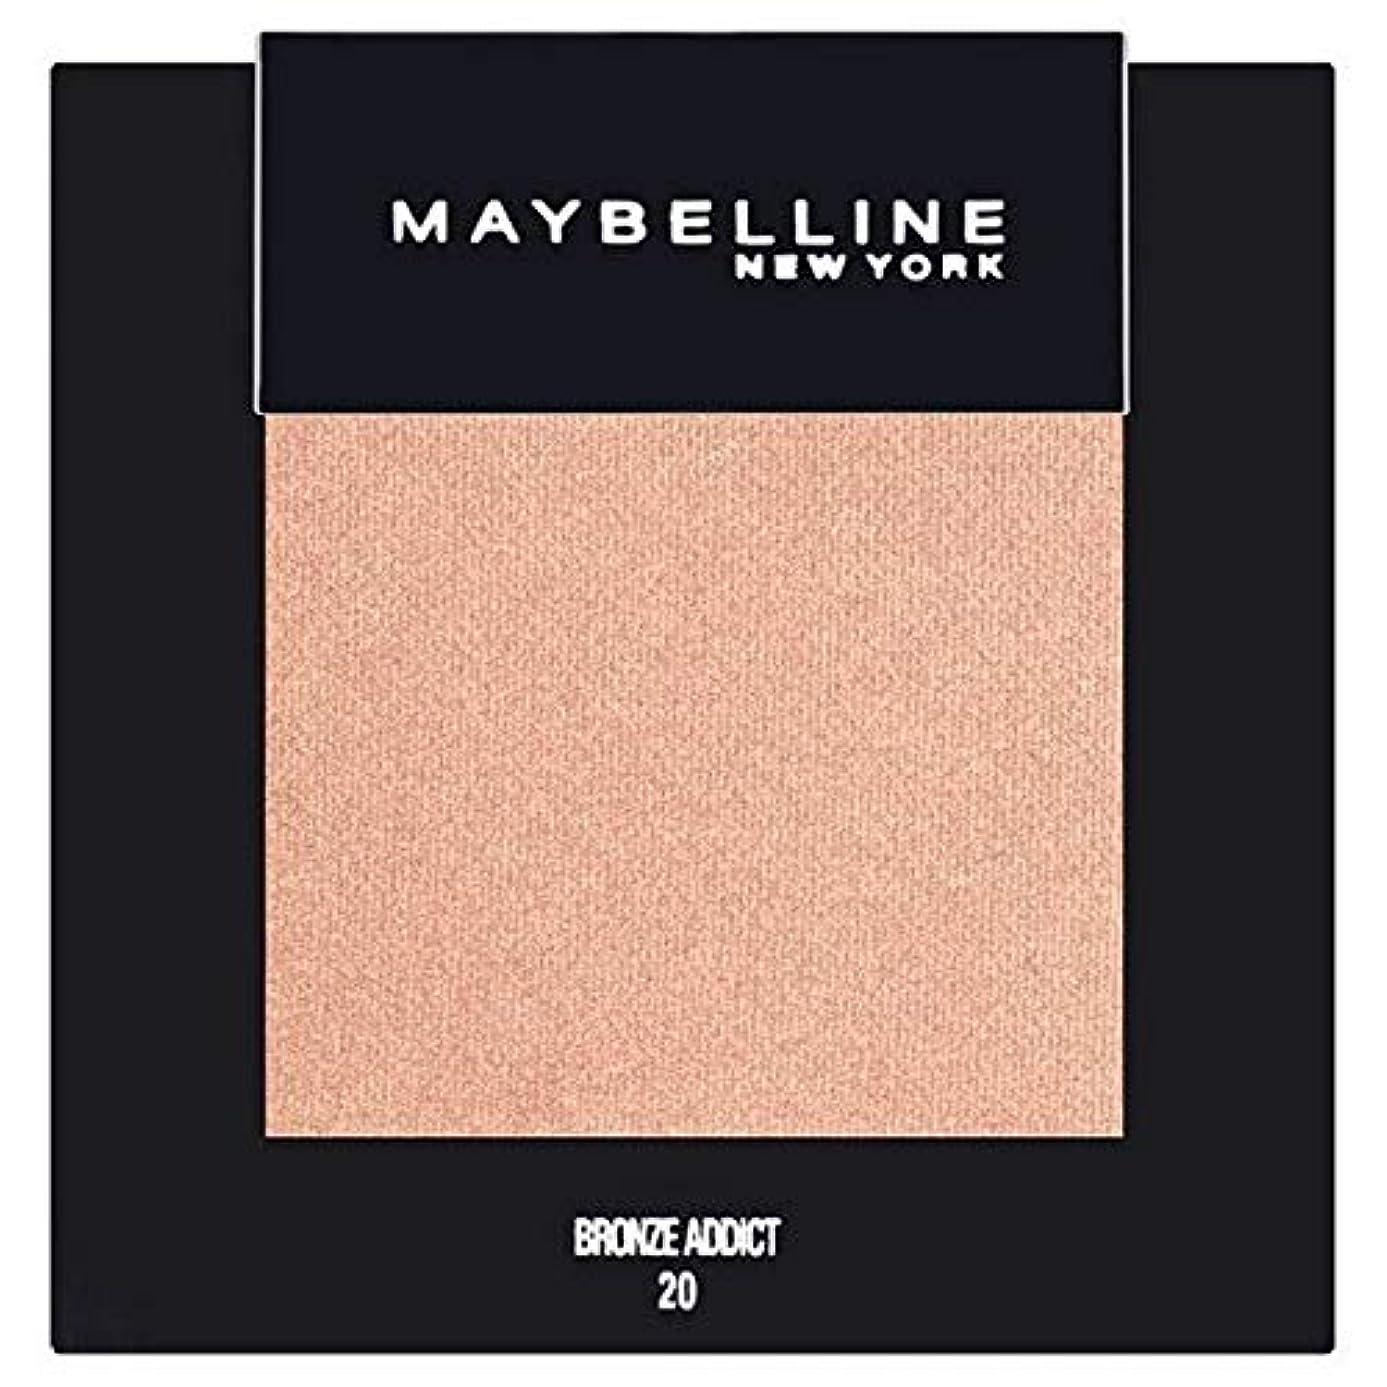 注入する鳩ホラー[Maybelline ] メイベリンカラーショーシングルアイシャドウ20ブロンズ - Maybelline Color Show Single Eyeshadow 20 Bronze [並行輸入品]